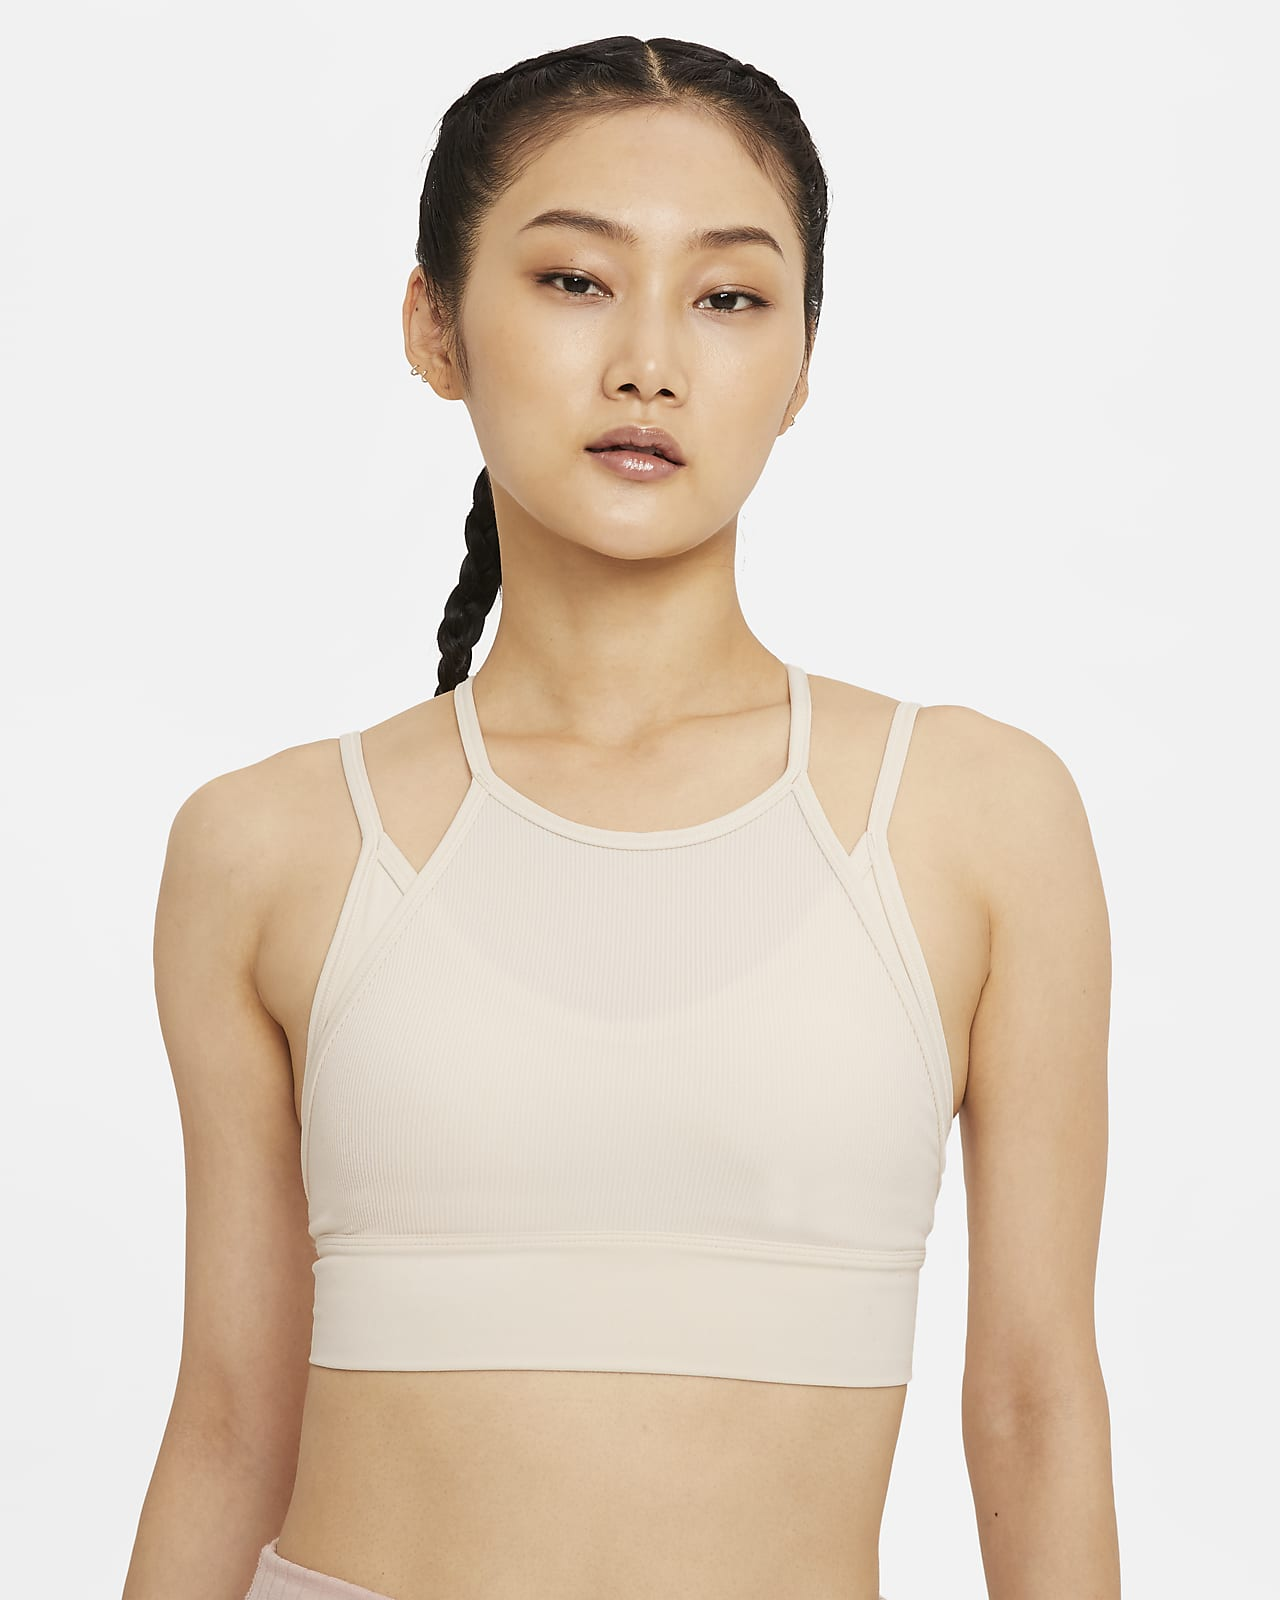 สปอร์ตบราผู้หญิงซัพพอร์ตระดับต่ำเสริมฟองน้ำ Nike Yoga Indy Novelty